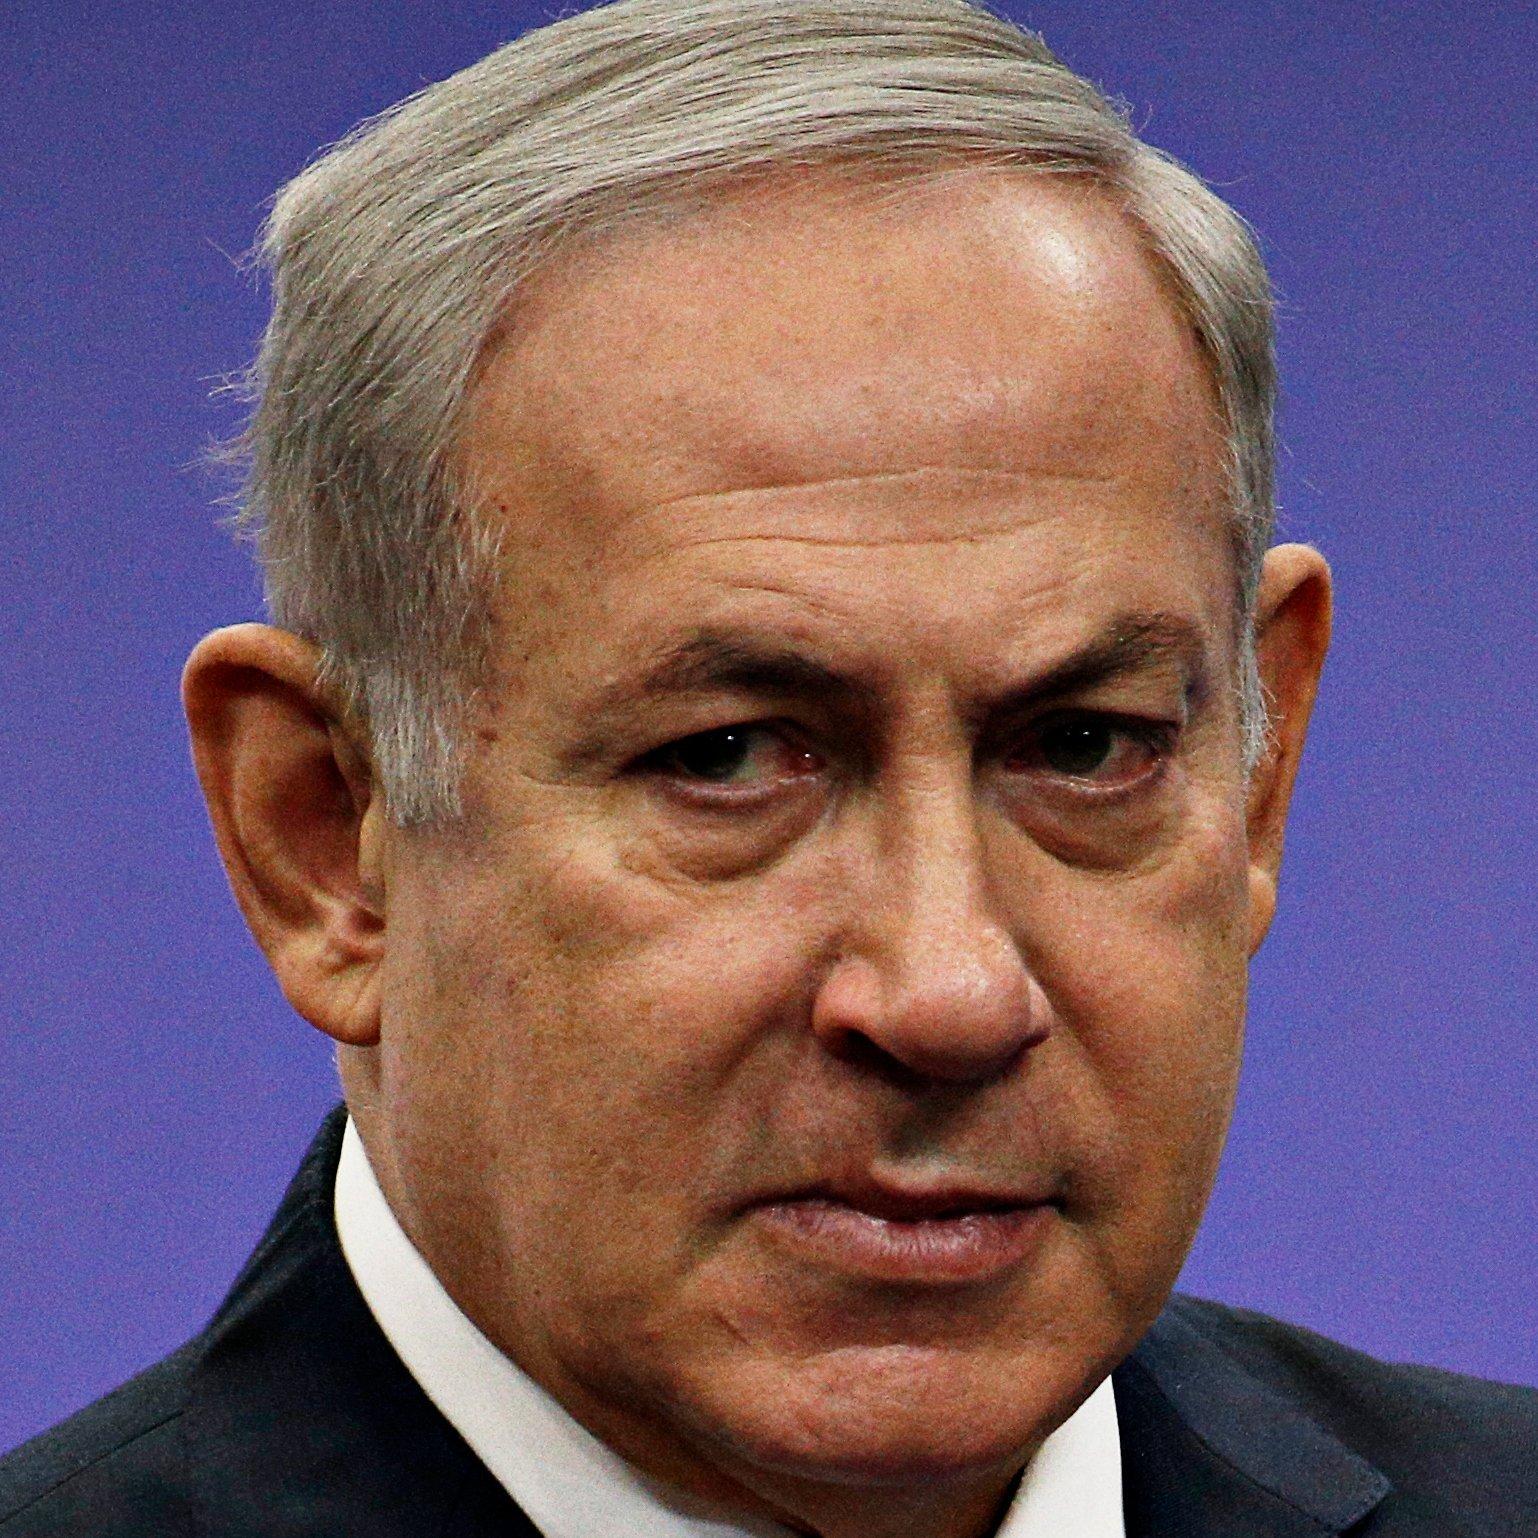 Listen: Netanyahu Faces Final Curtain